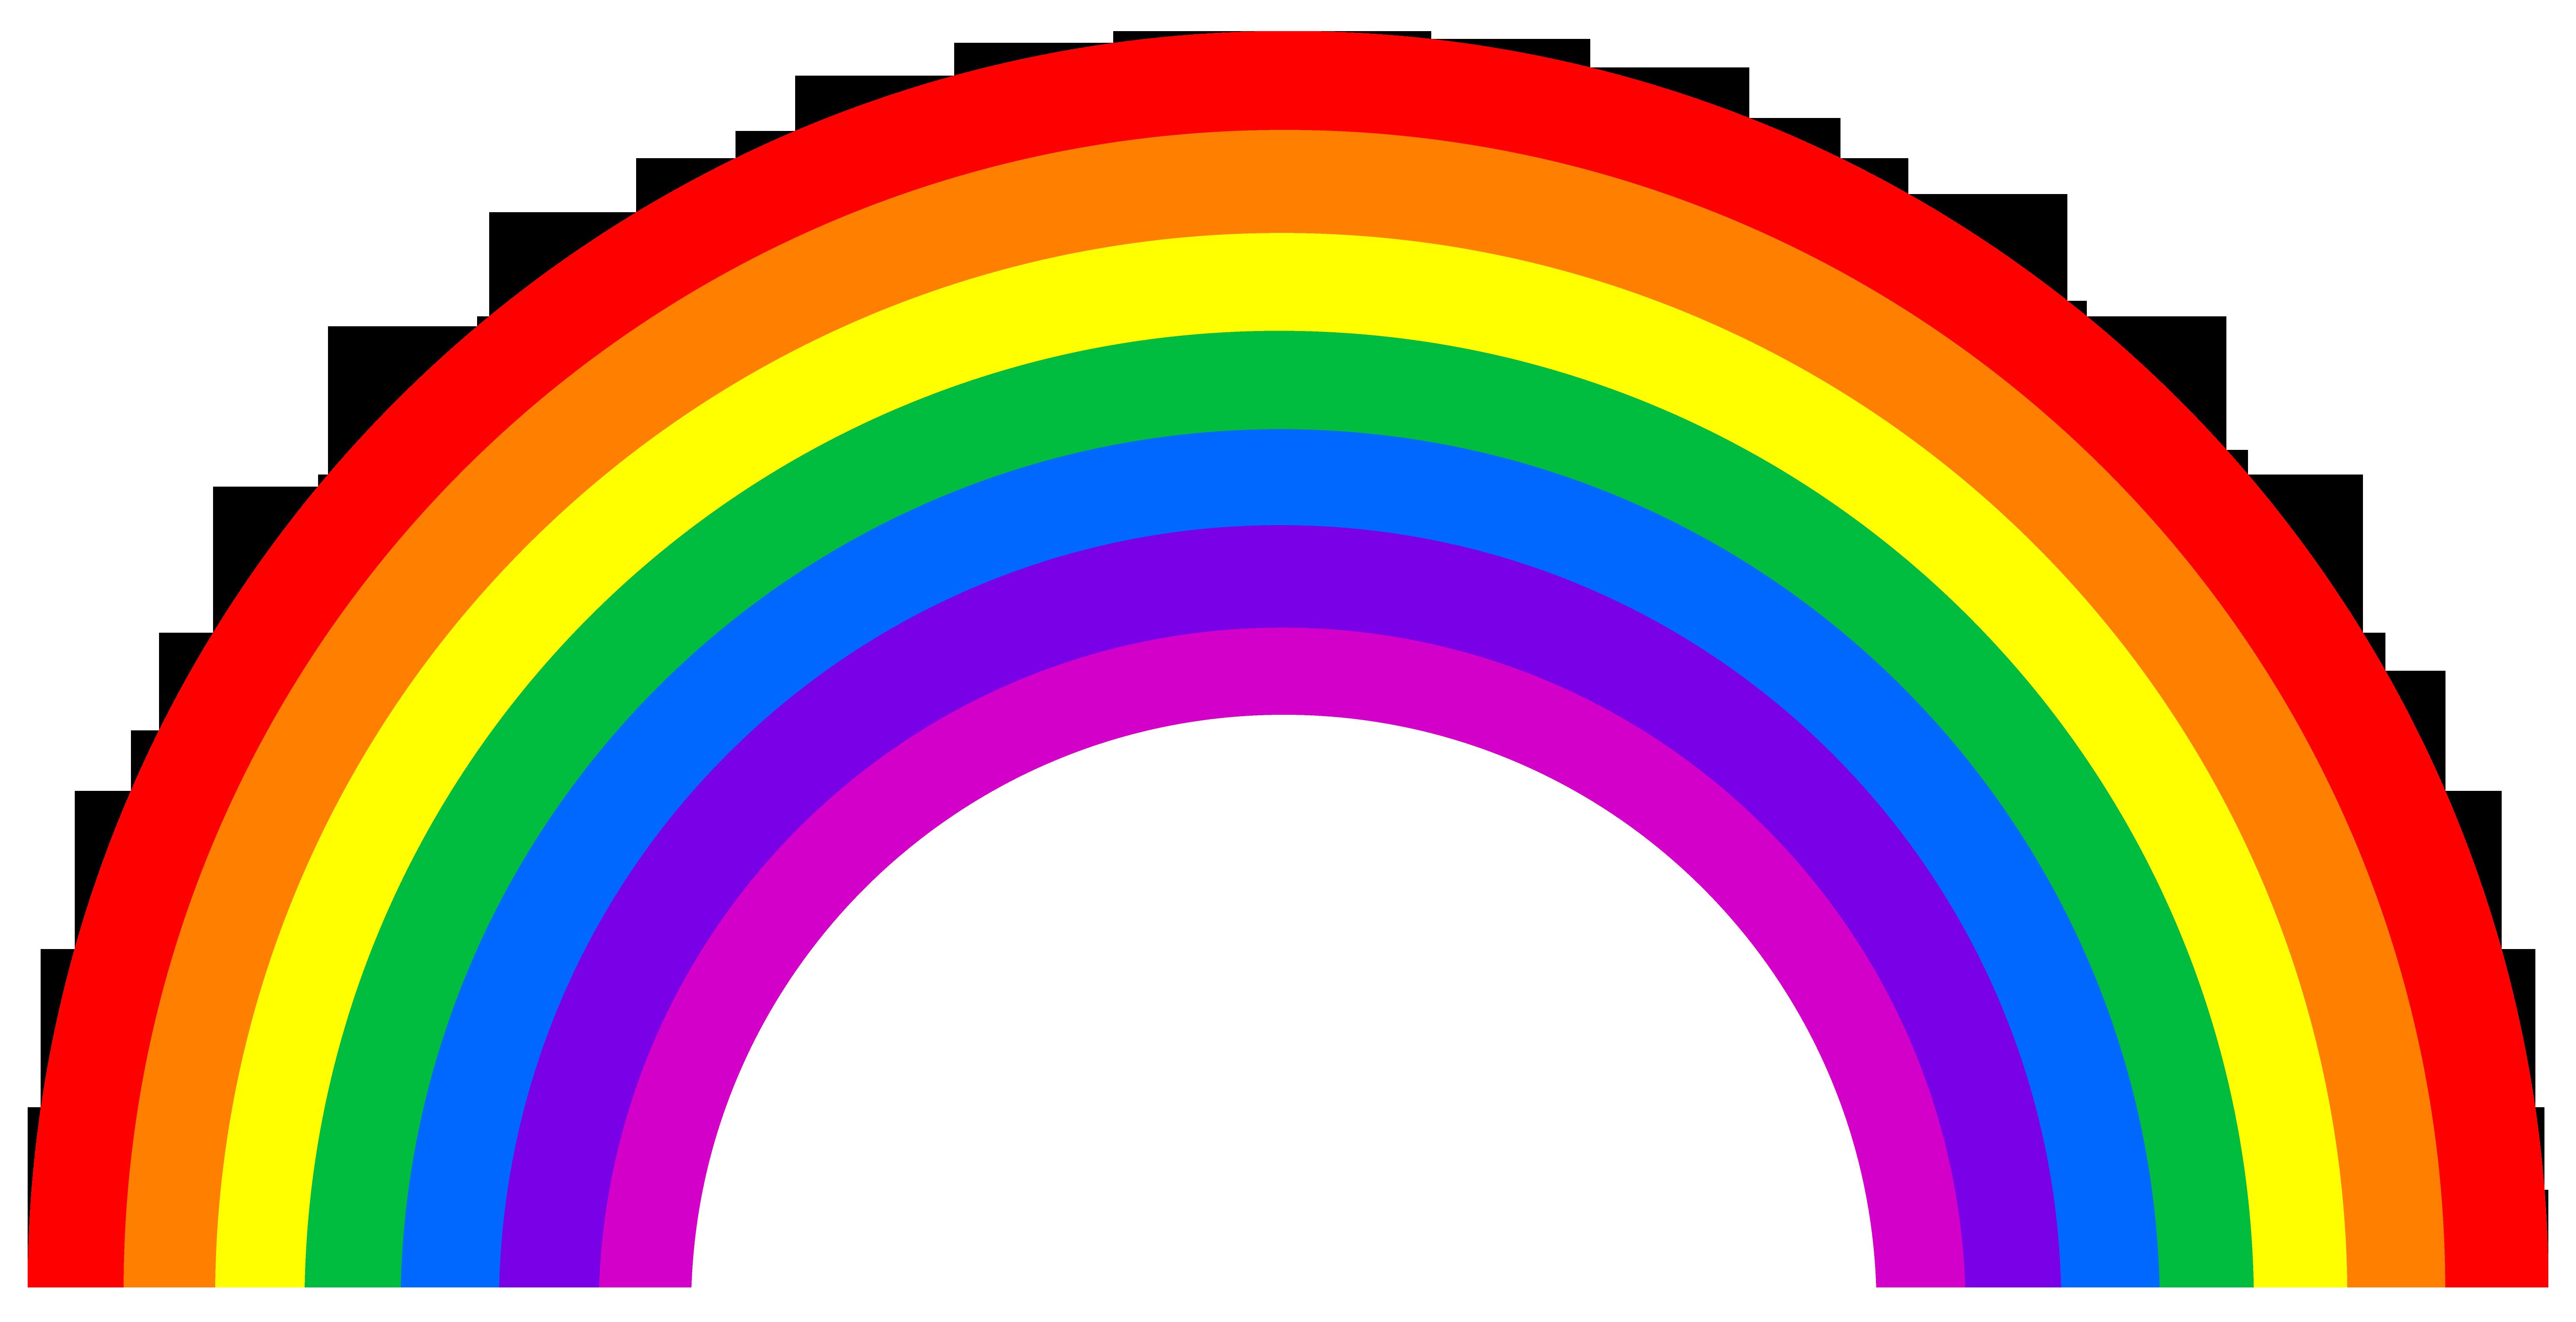 Clipart Of Rainbows - Rainbow Clipart